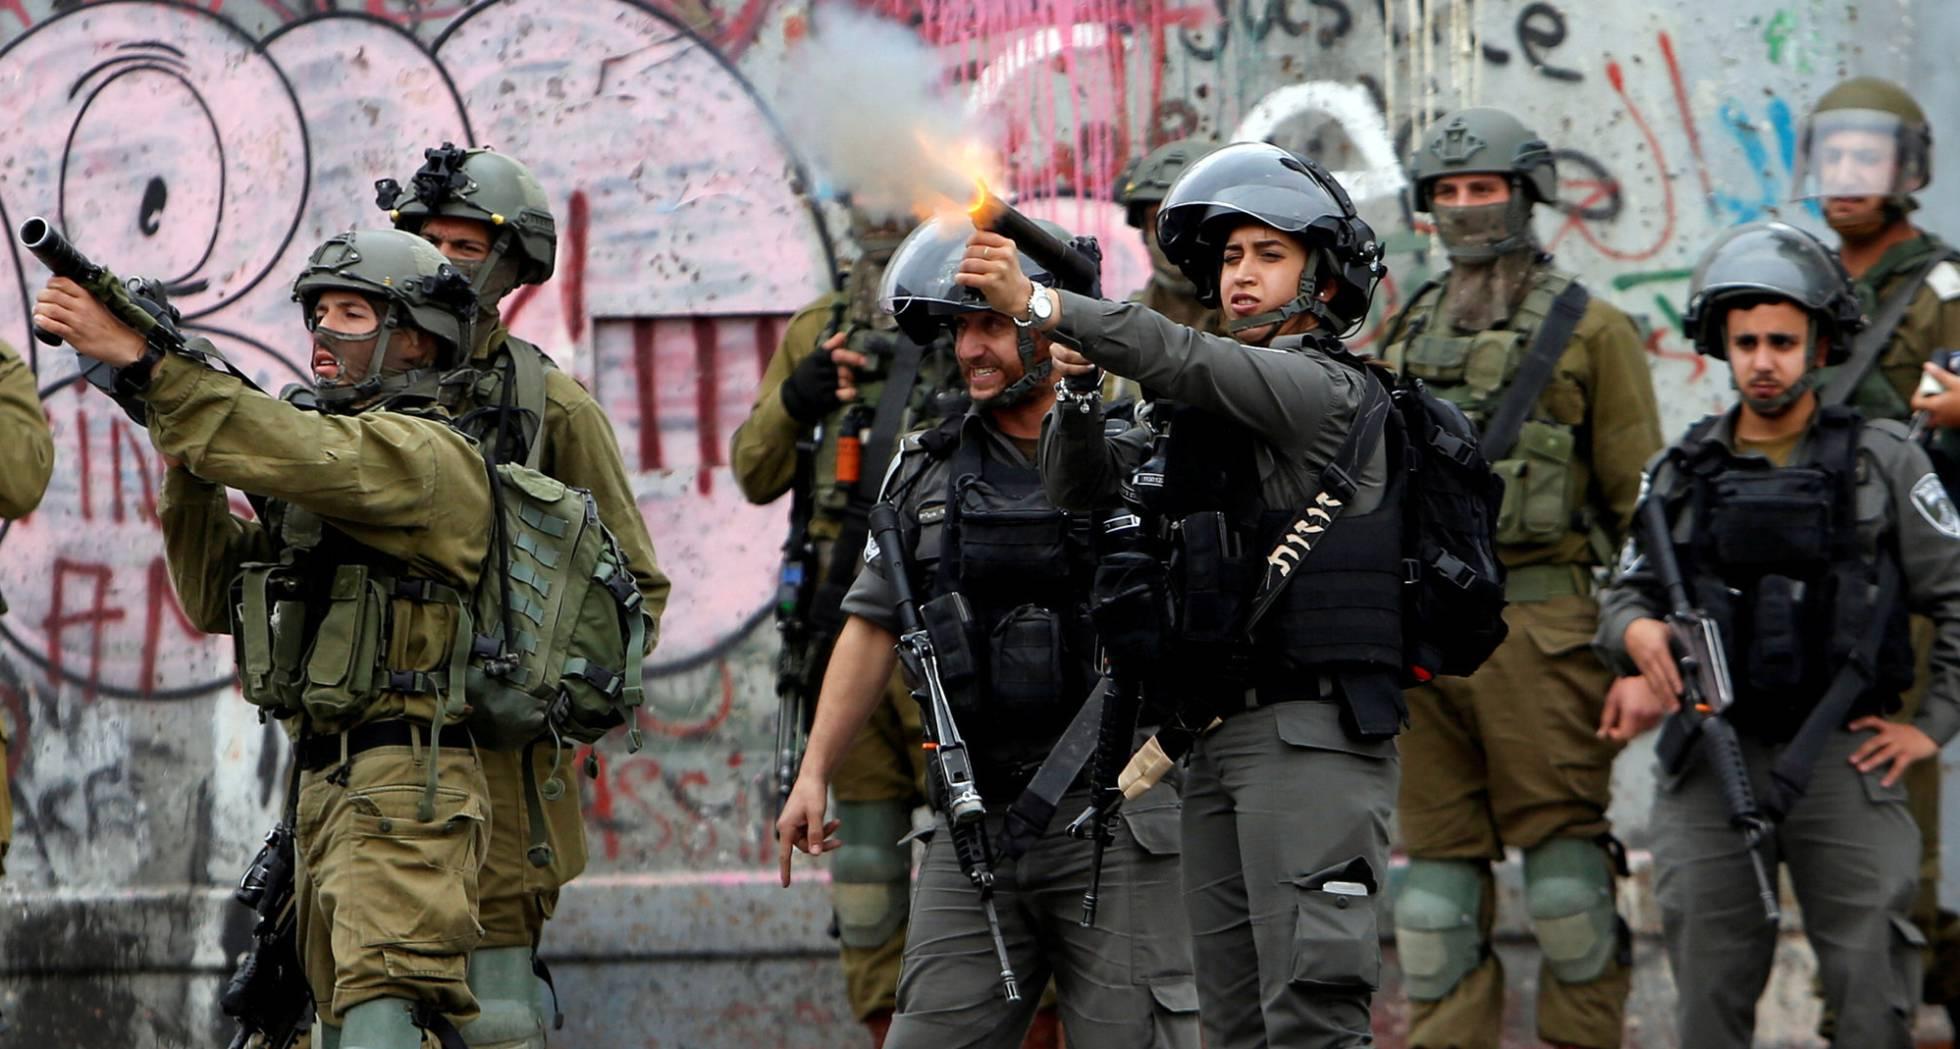 La decisión de Trump sobre Jerusalén apaga la Navidad de los cristianos palestinos